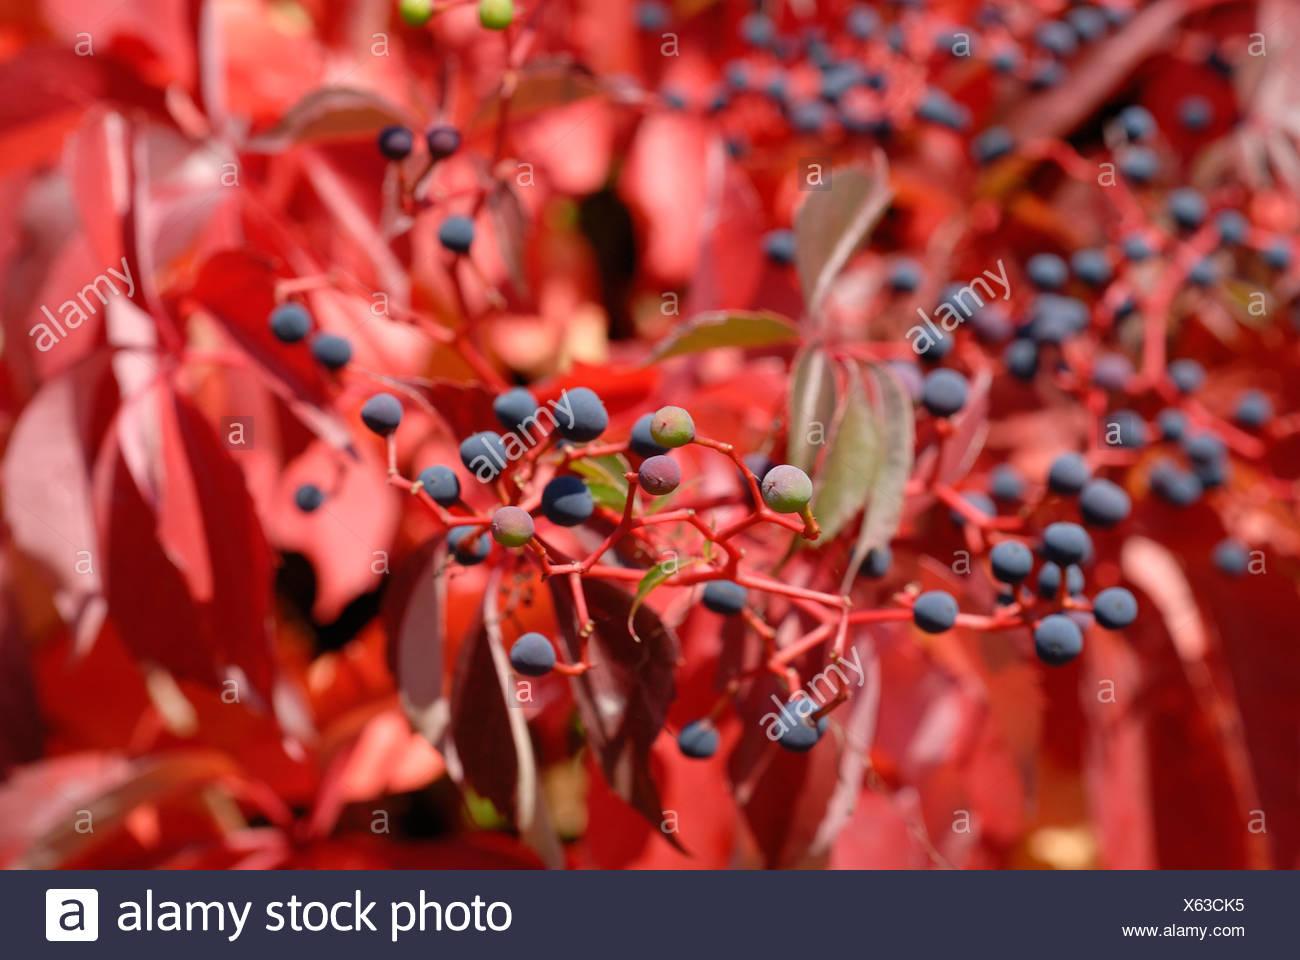 Virginia creeper (Parthenocissus quinquefolia) Stock Photo